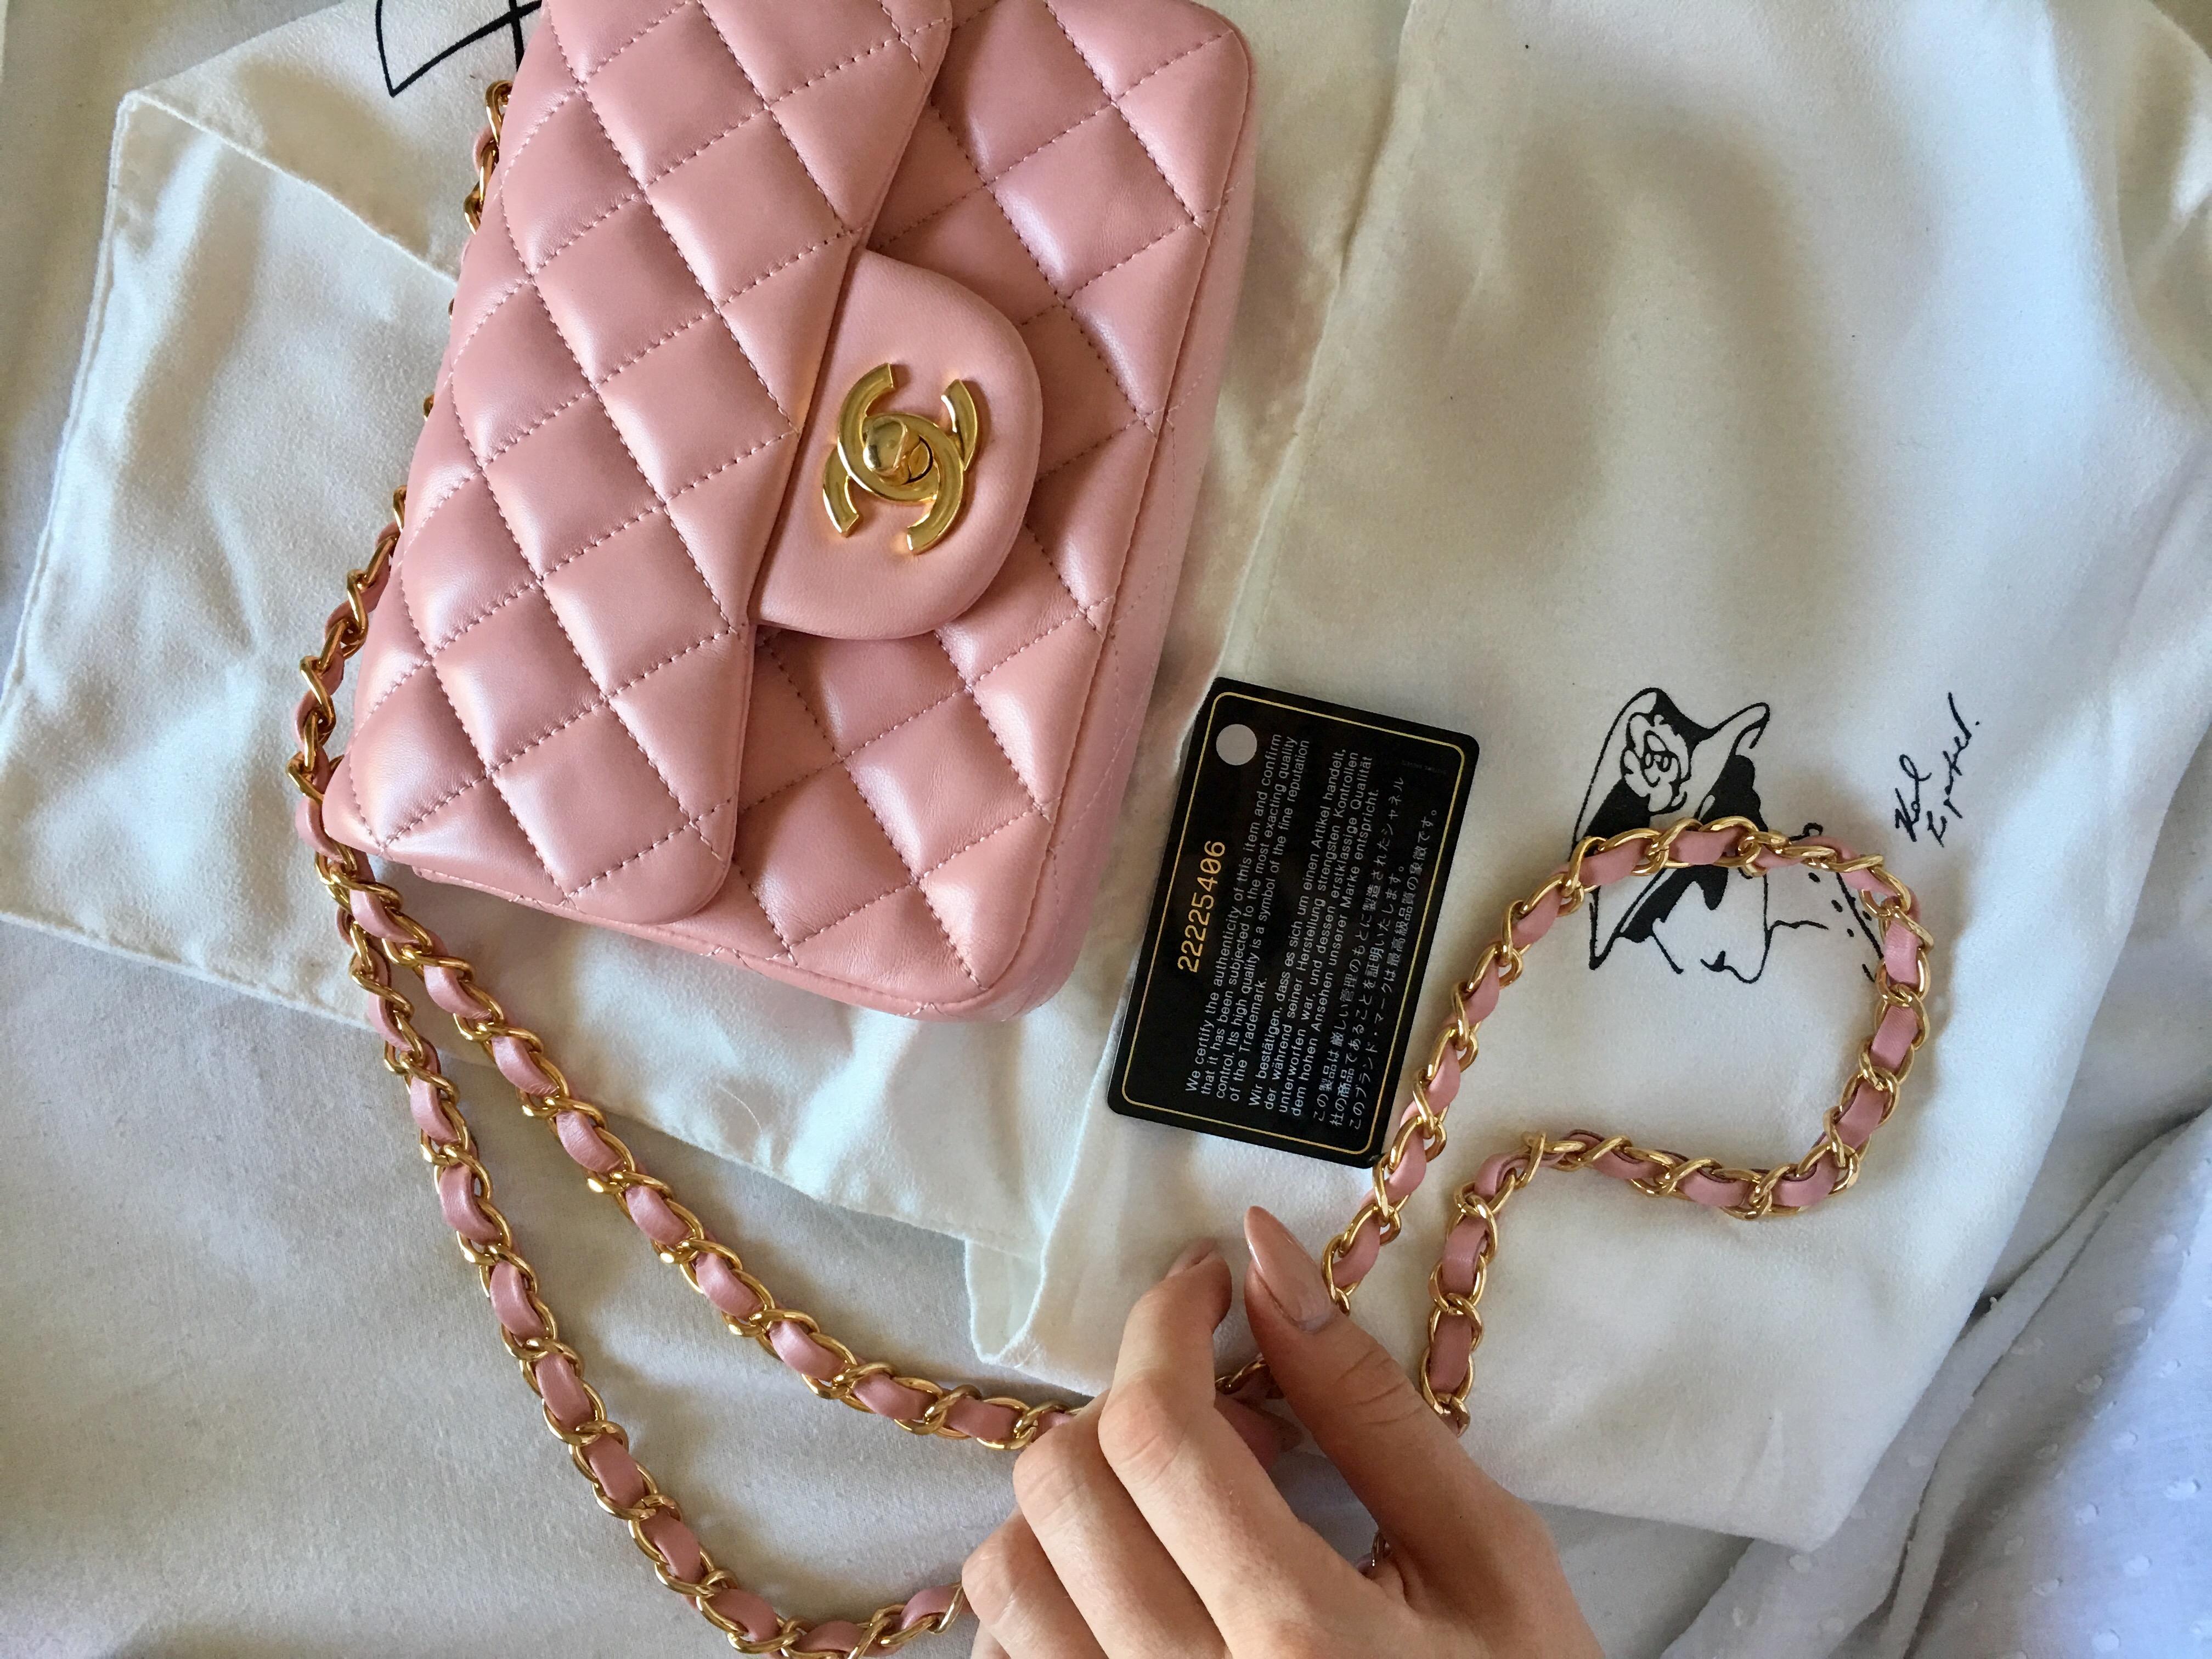 CHANEL: Il mio nuovo acquisto e come nasce la storia del logo Chanel (vediamo se questa la sapevate!)